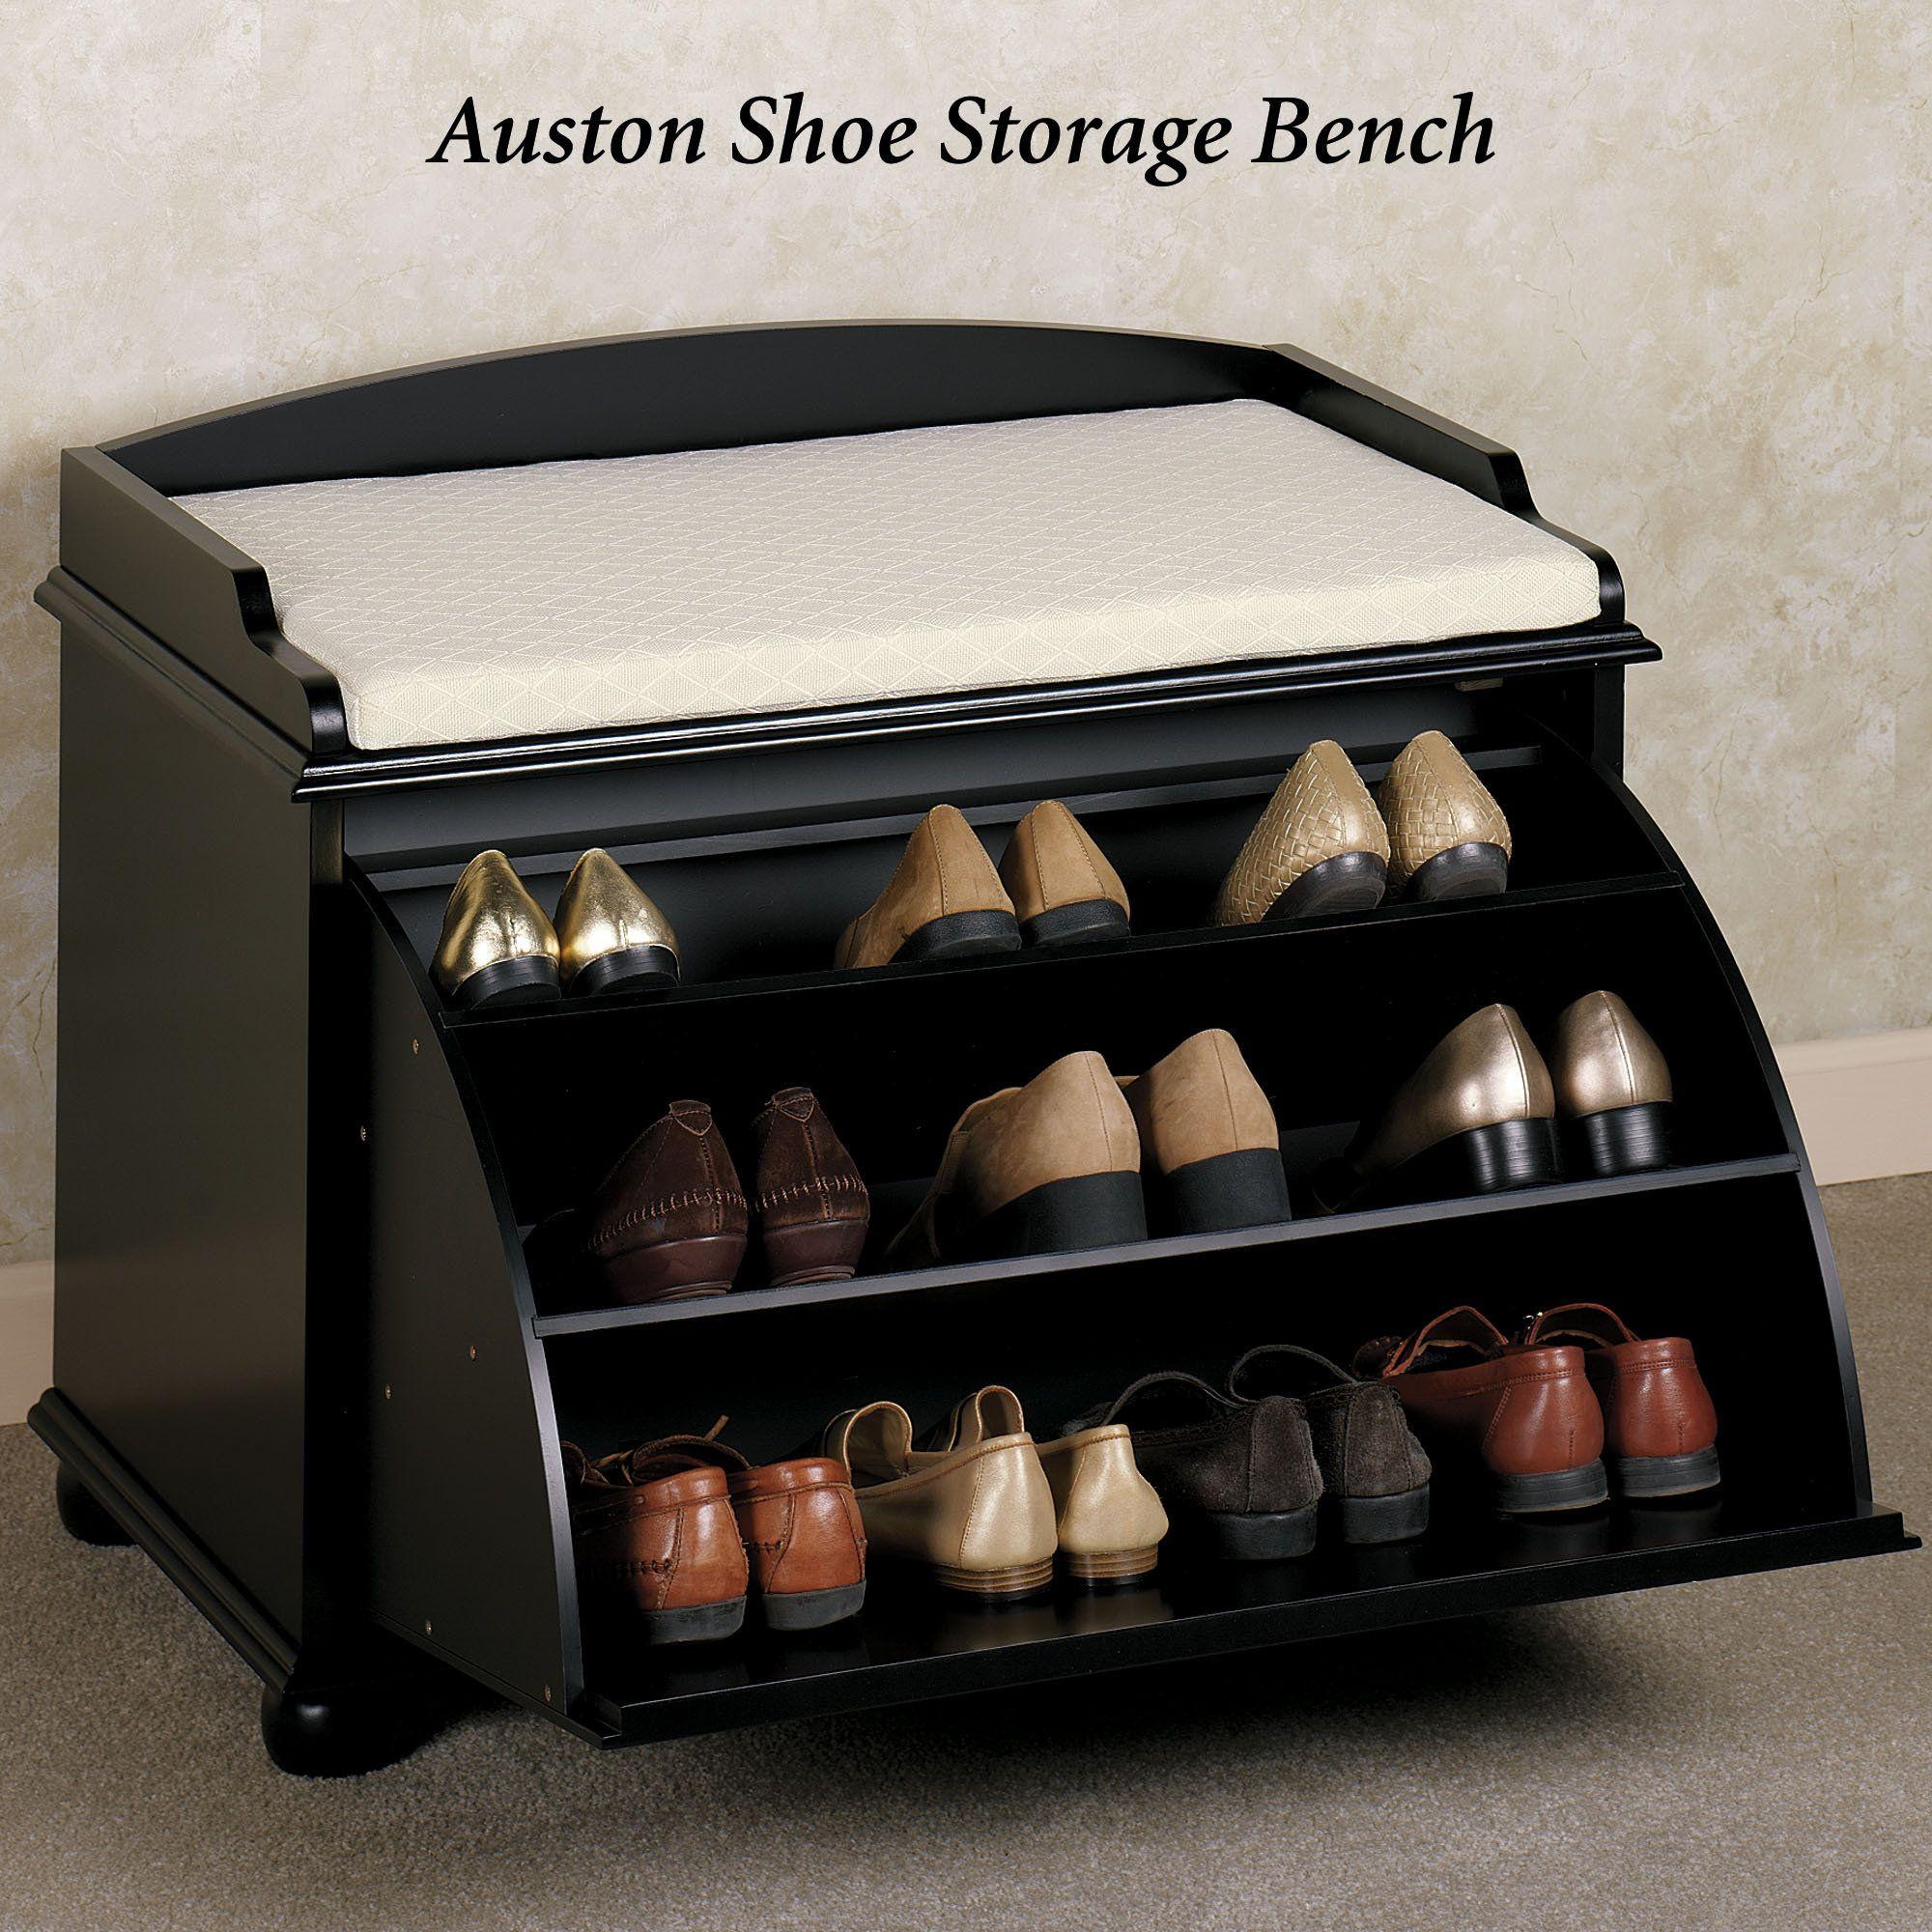 Ayden Shoe Storage Bench in 2019 Shoe storage bench